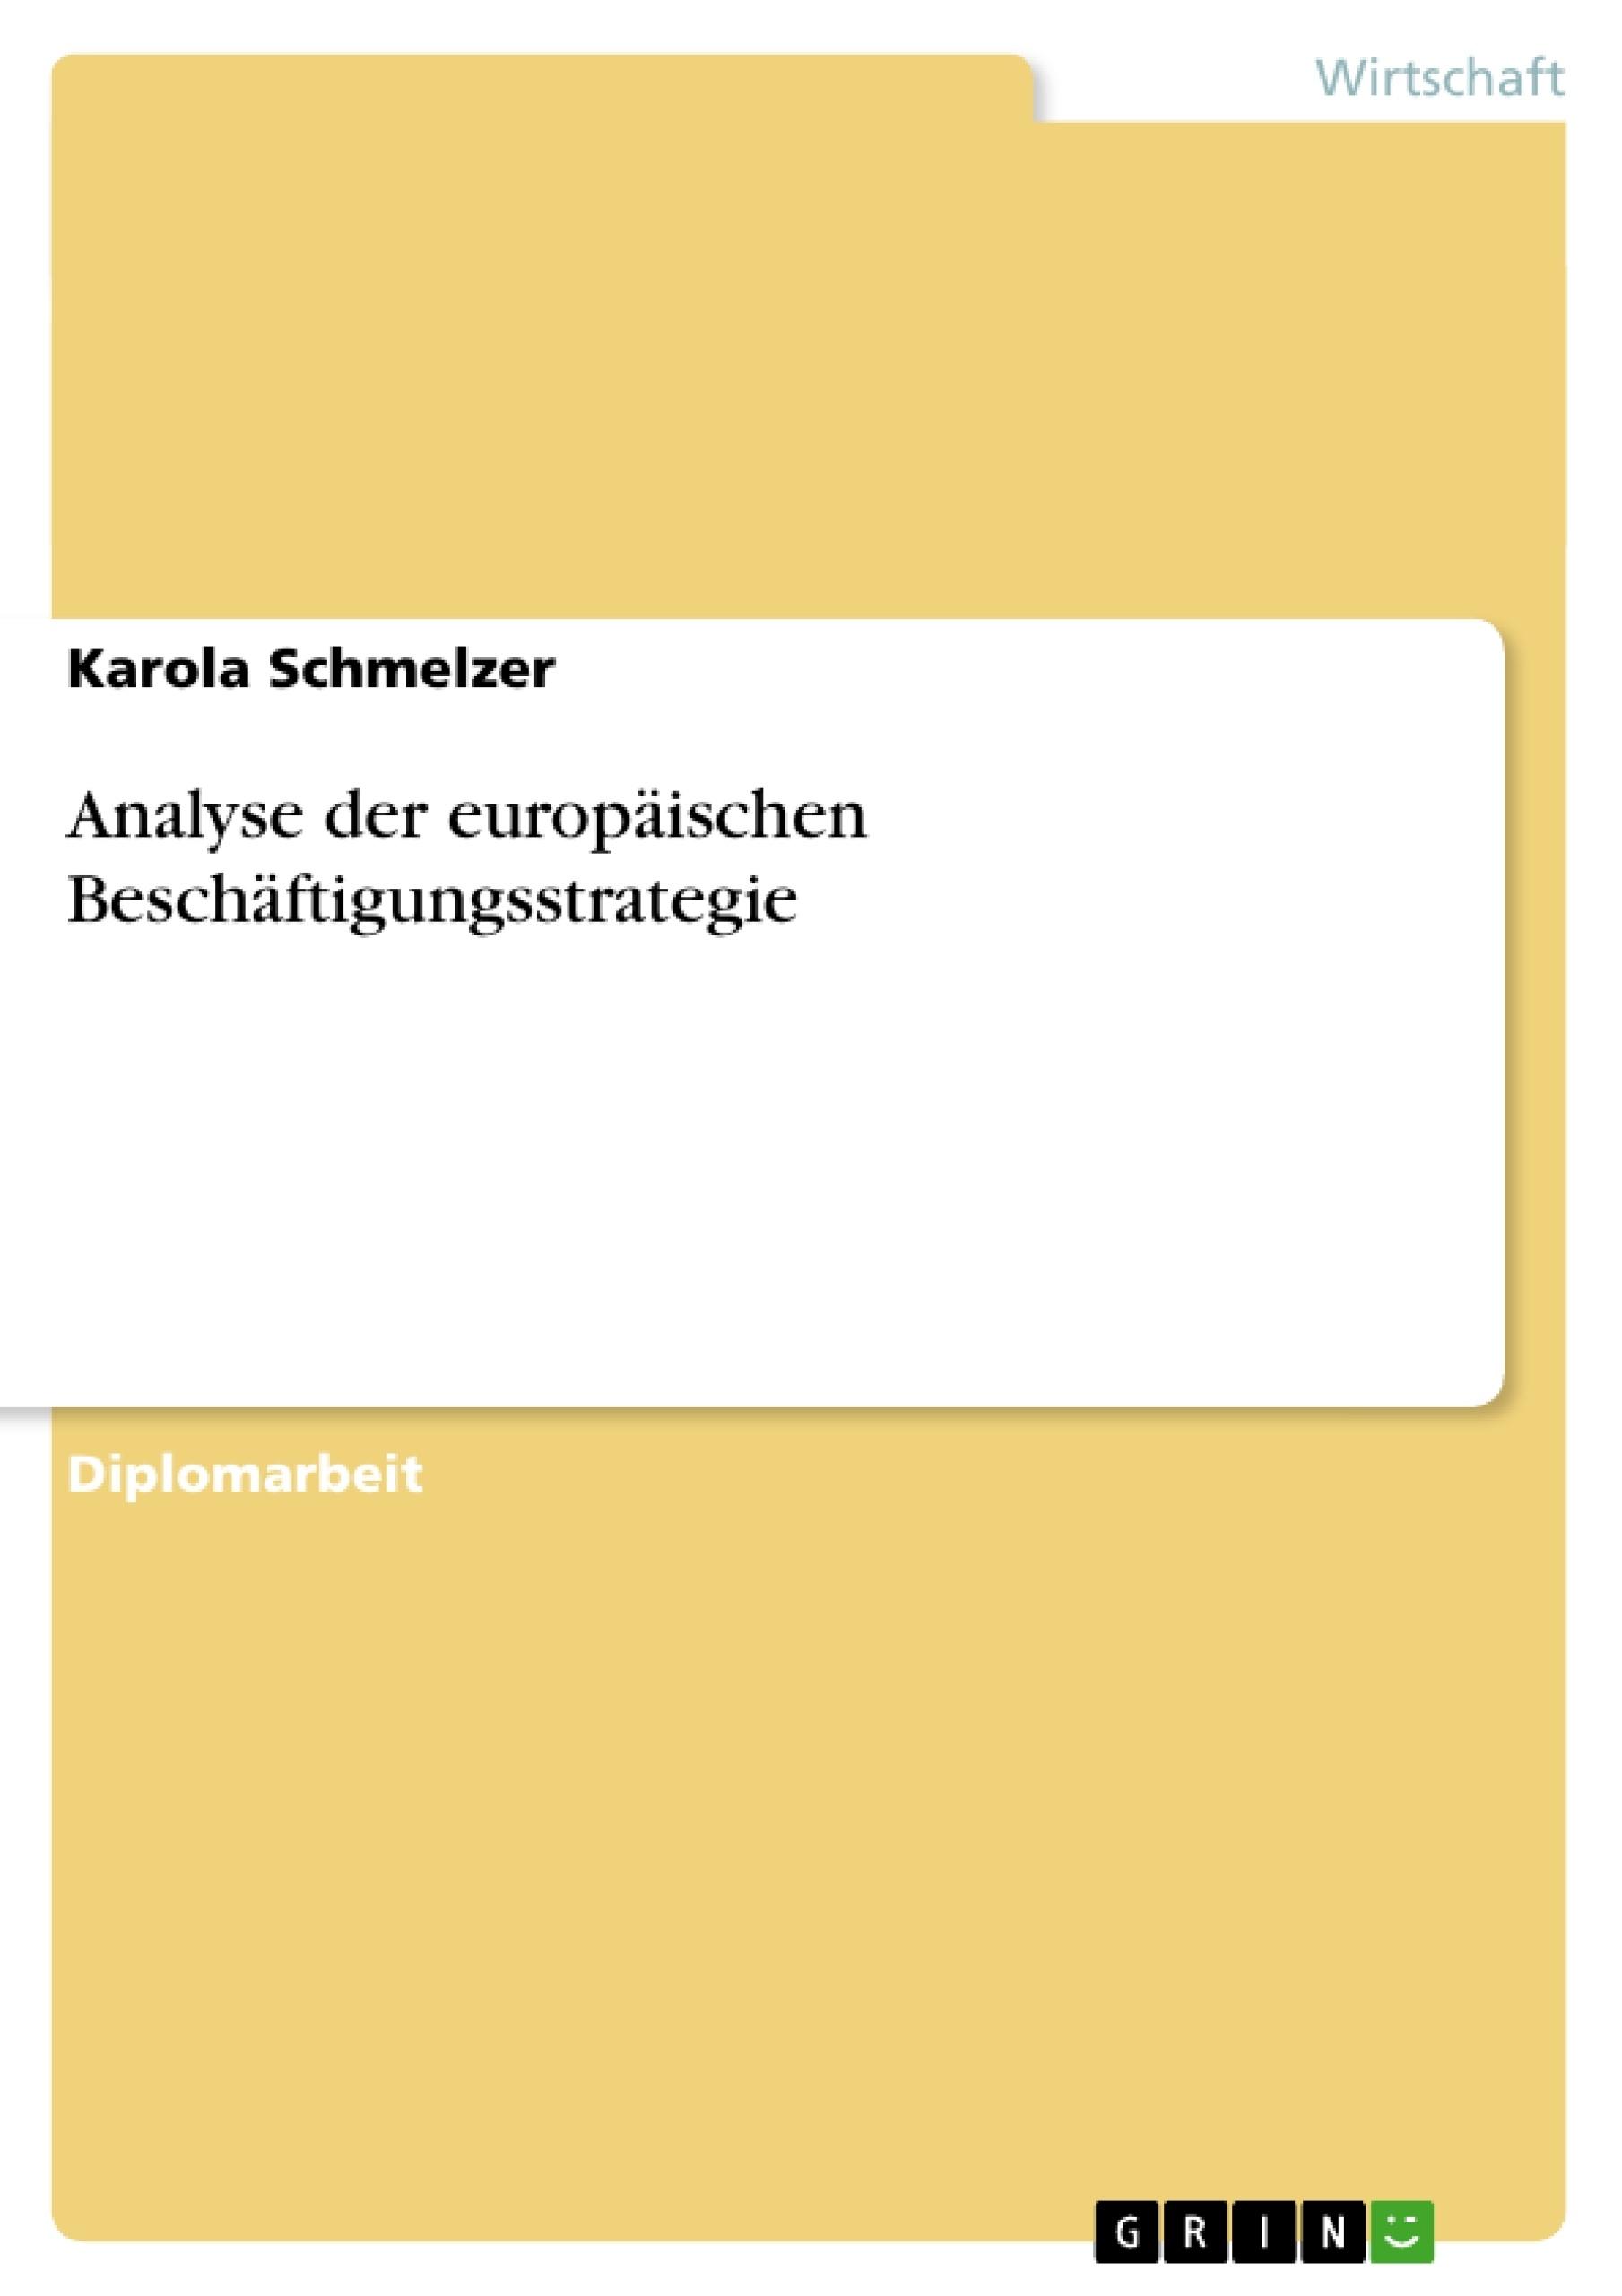 Titel: Analyse der europäischen Beschäftigungsstrategie